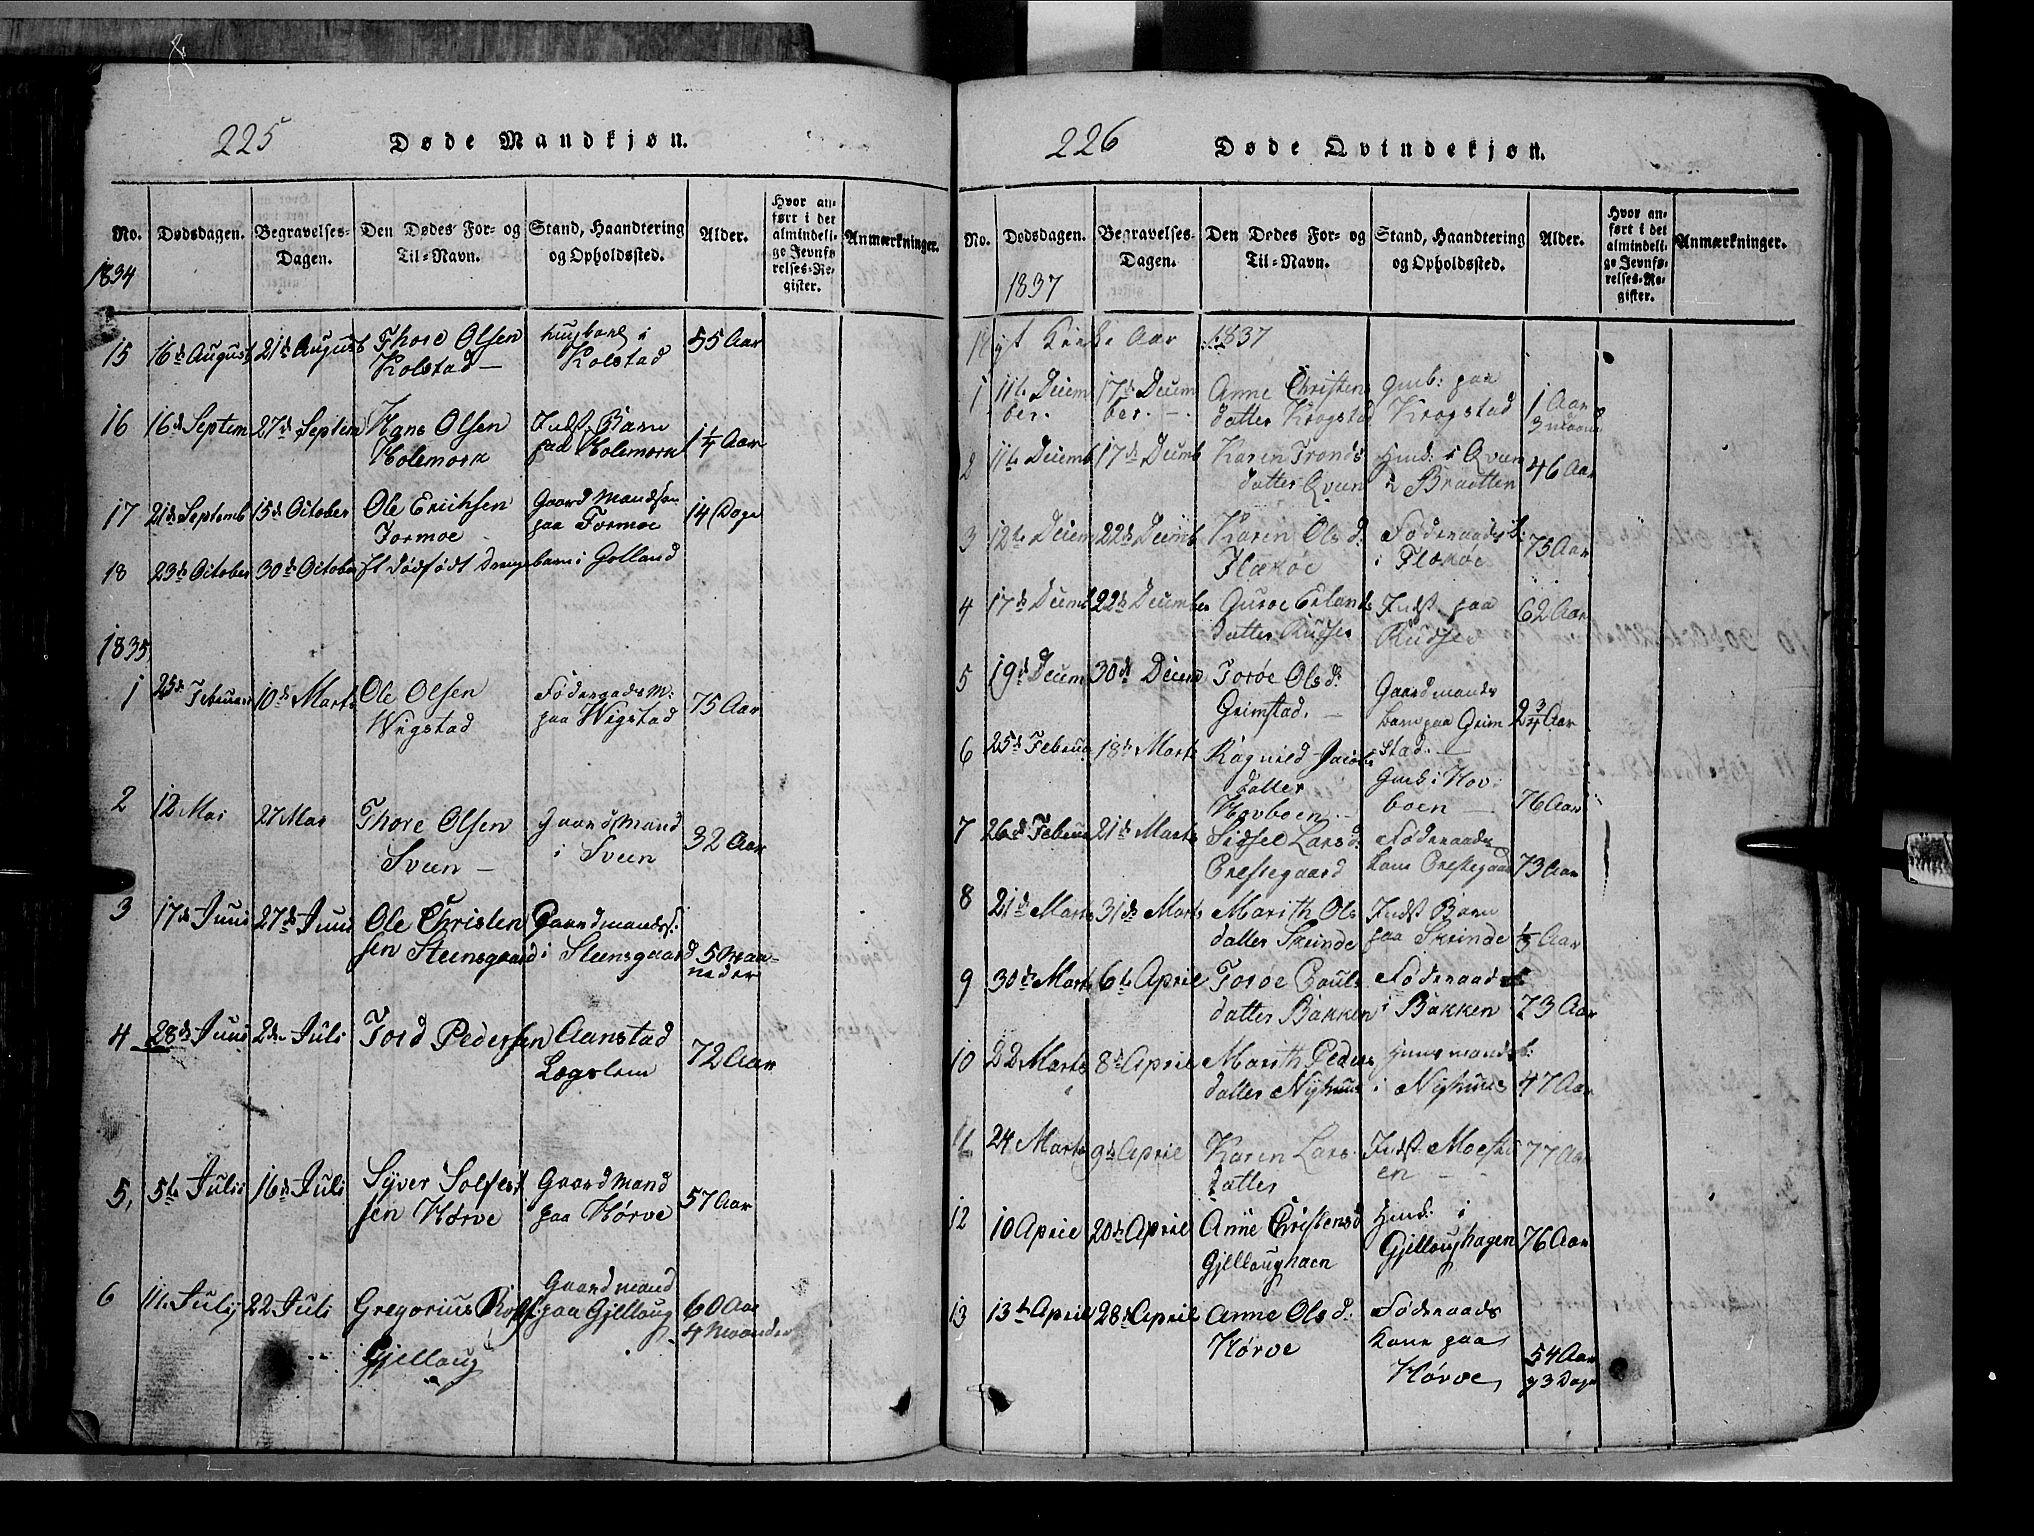 SAH, Lom prestekontor, L/L0003: Klokkerbok nr. 3, 1815-1844, s. 225-226